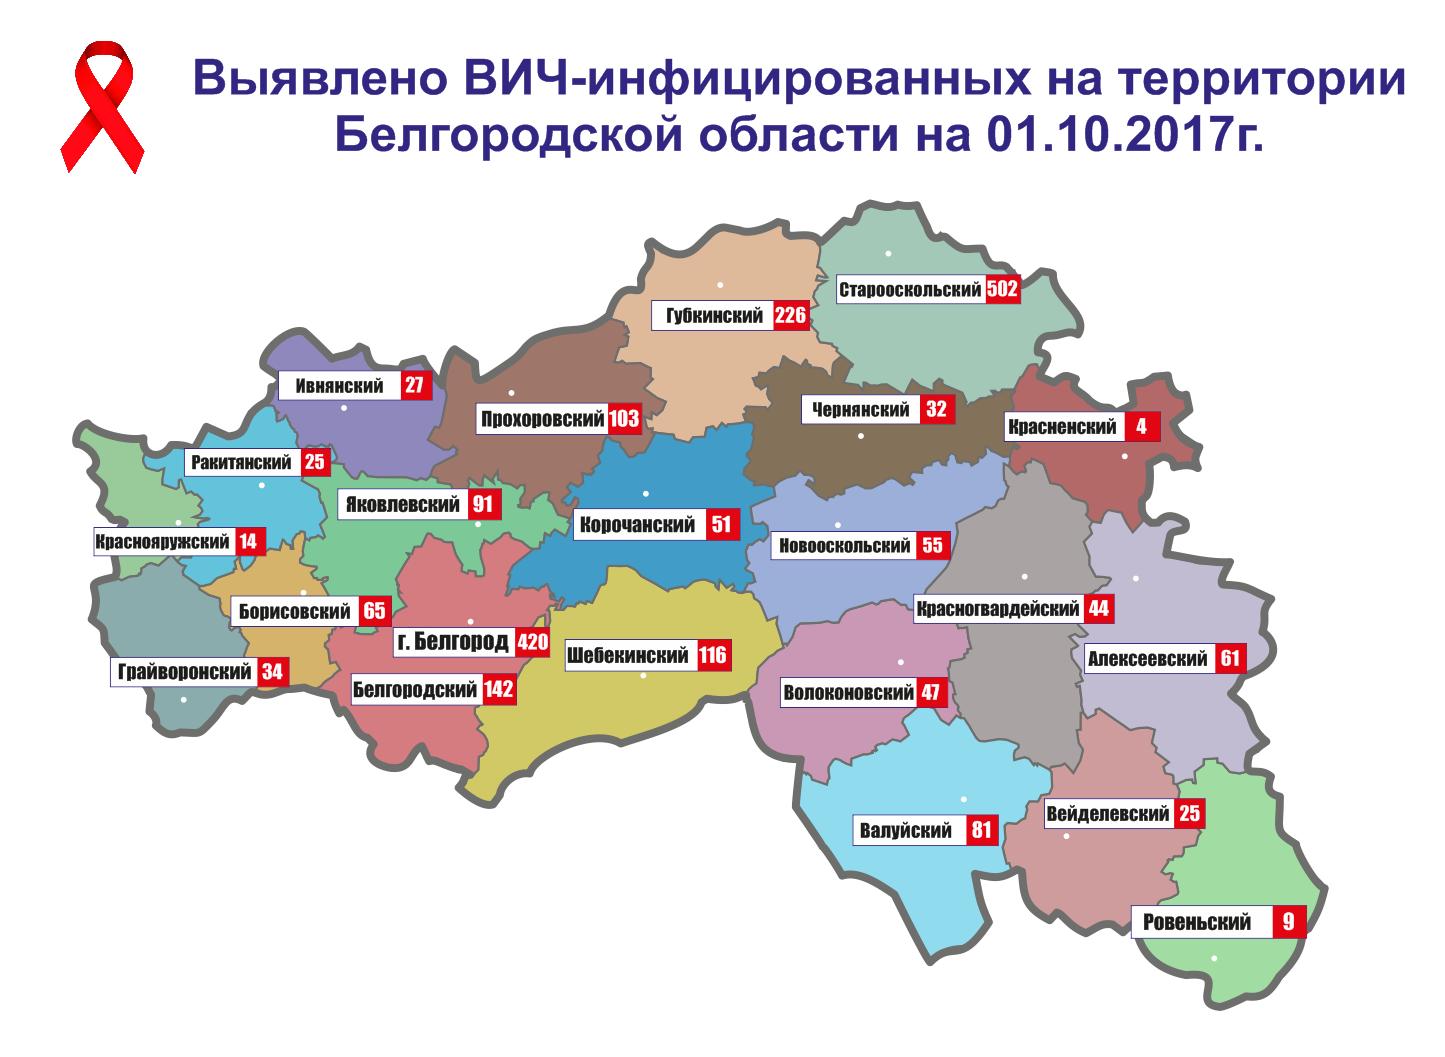 В Белгородской области назвали районы, где больше всего ВИЧ-инфицированных